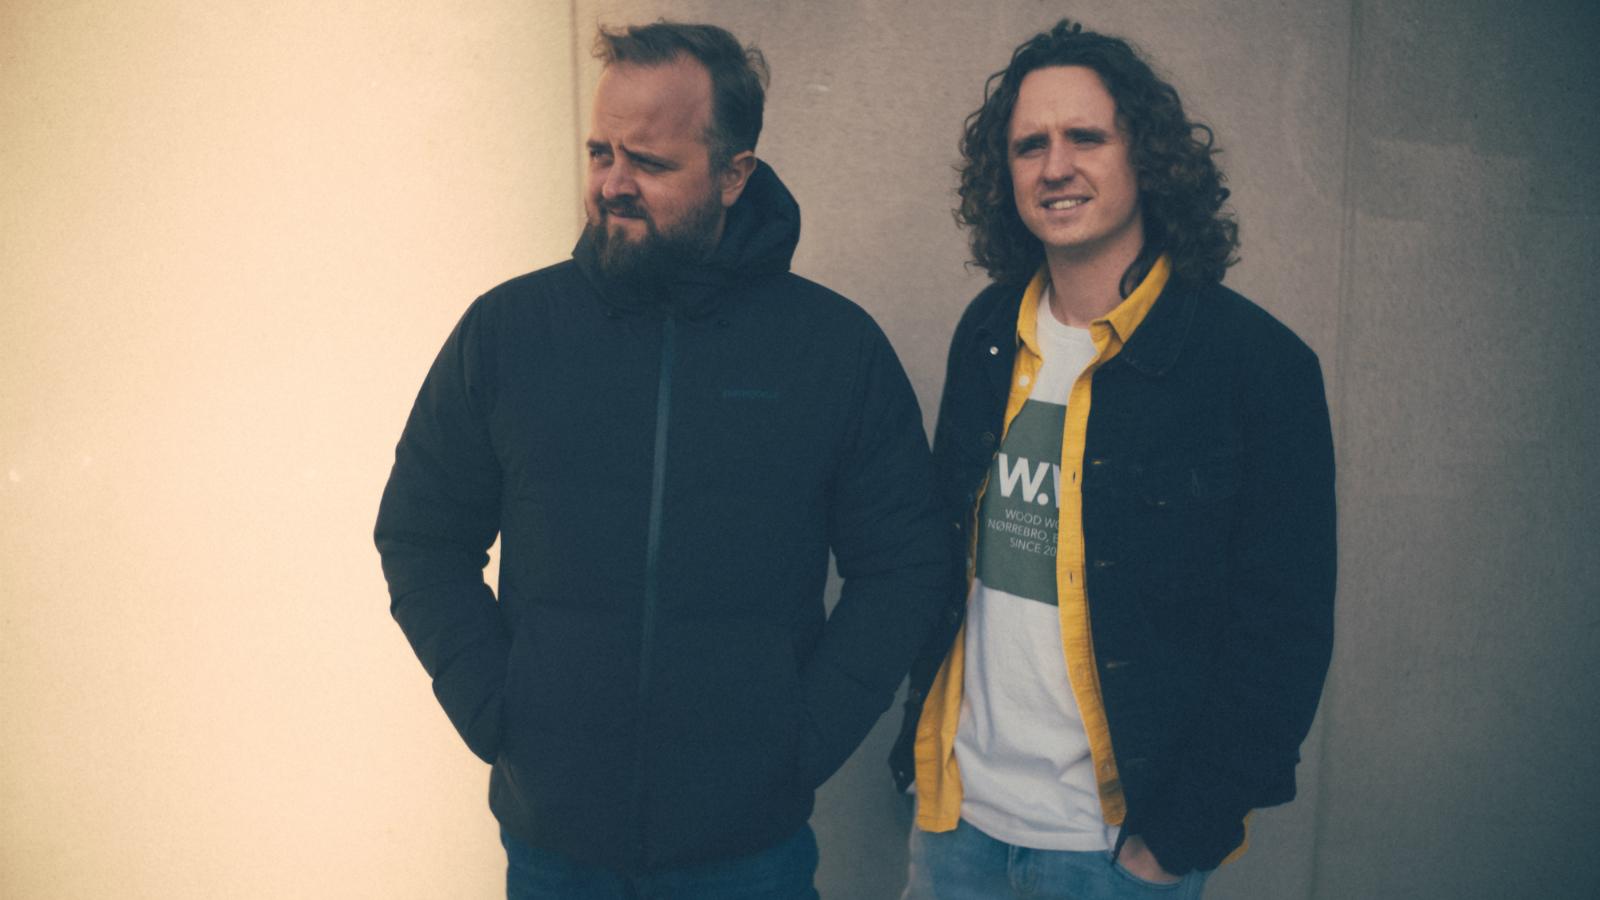 Magnus og Emil Millangs nye film trækker tråde til deres opvækst: »Vi levede i et seriøst familiedrama«